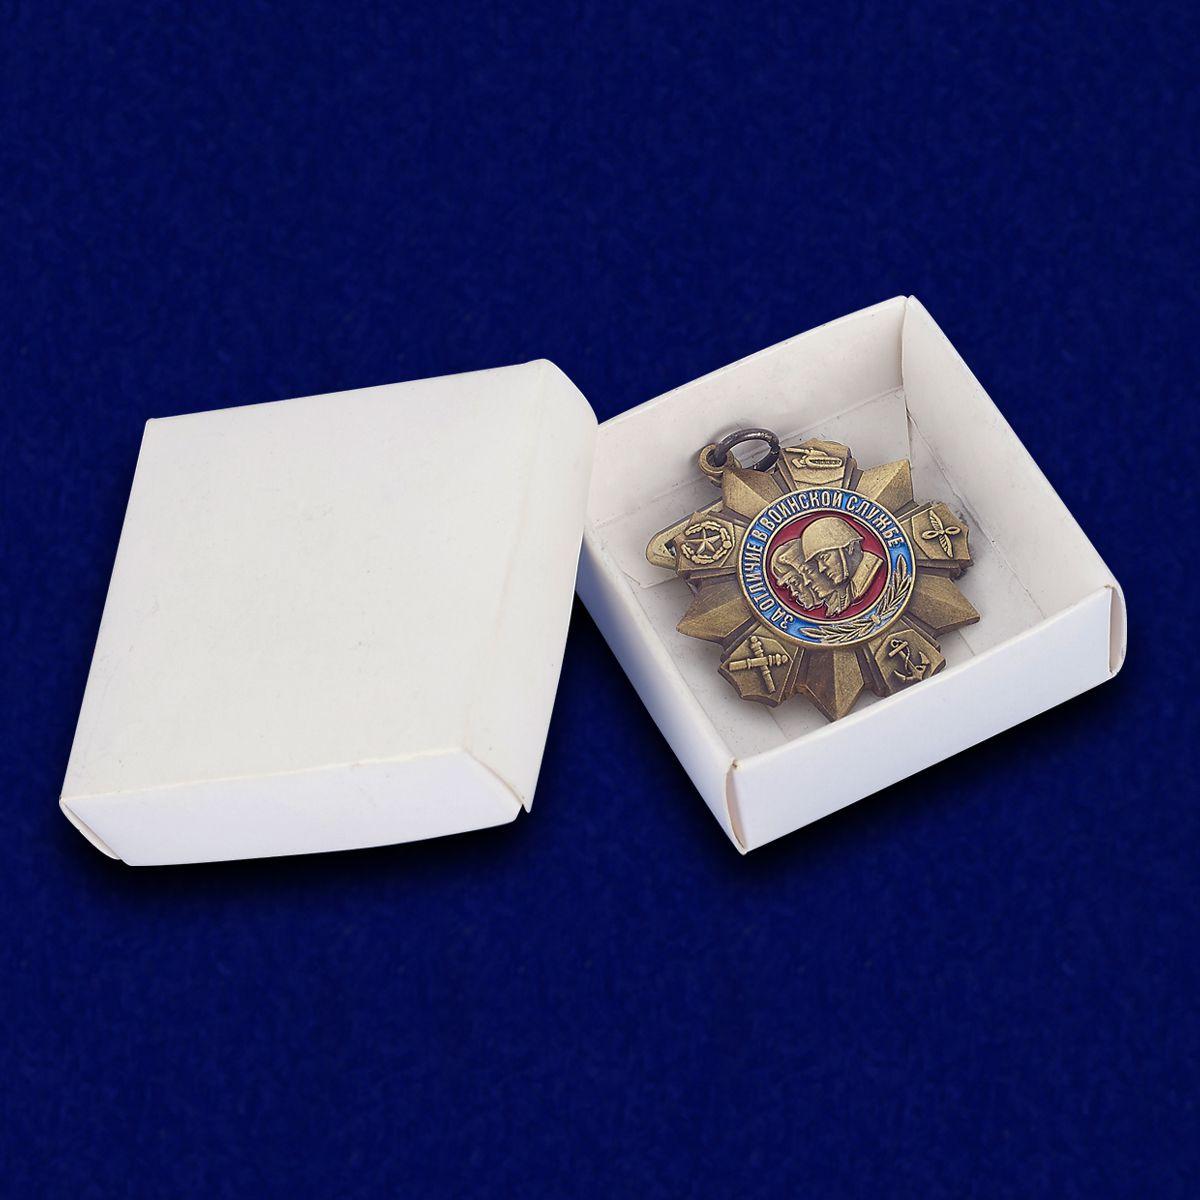 Медаль За отличие в воинской службе РФ с удобной доставкой